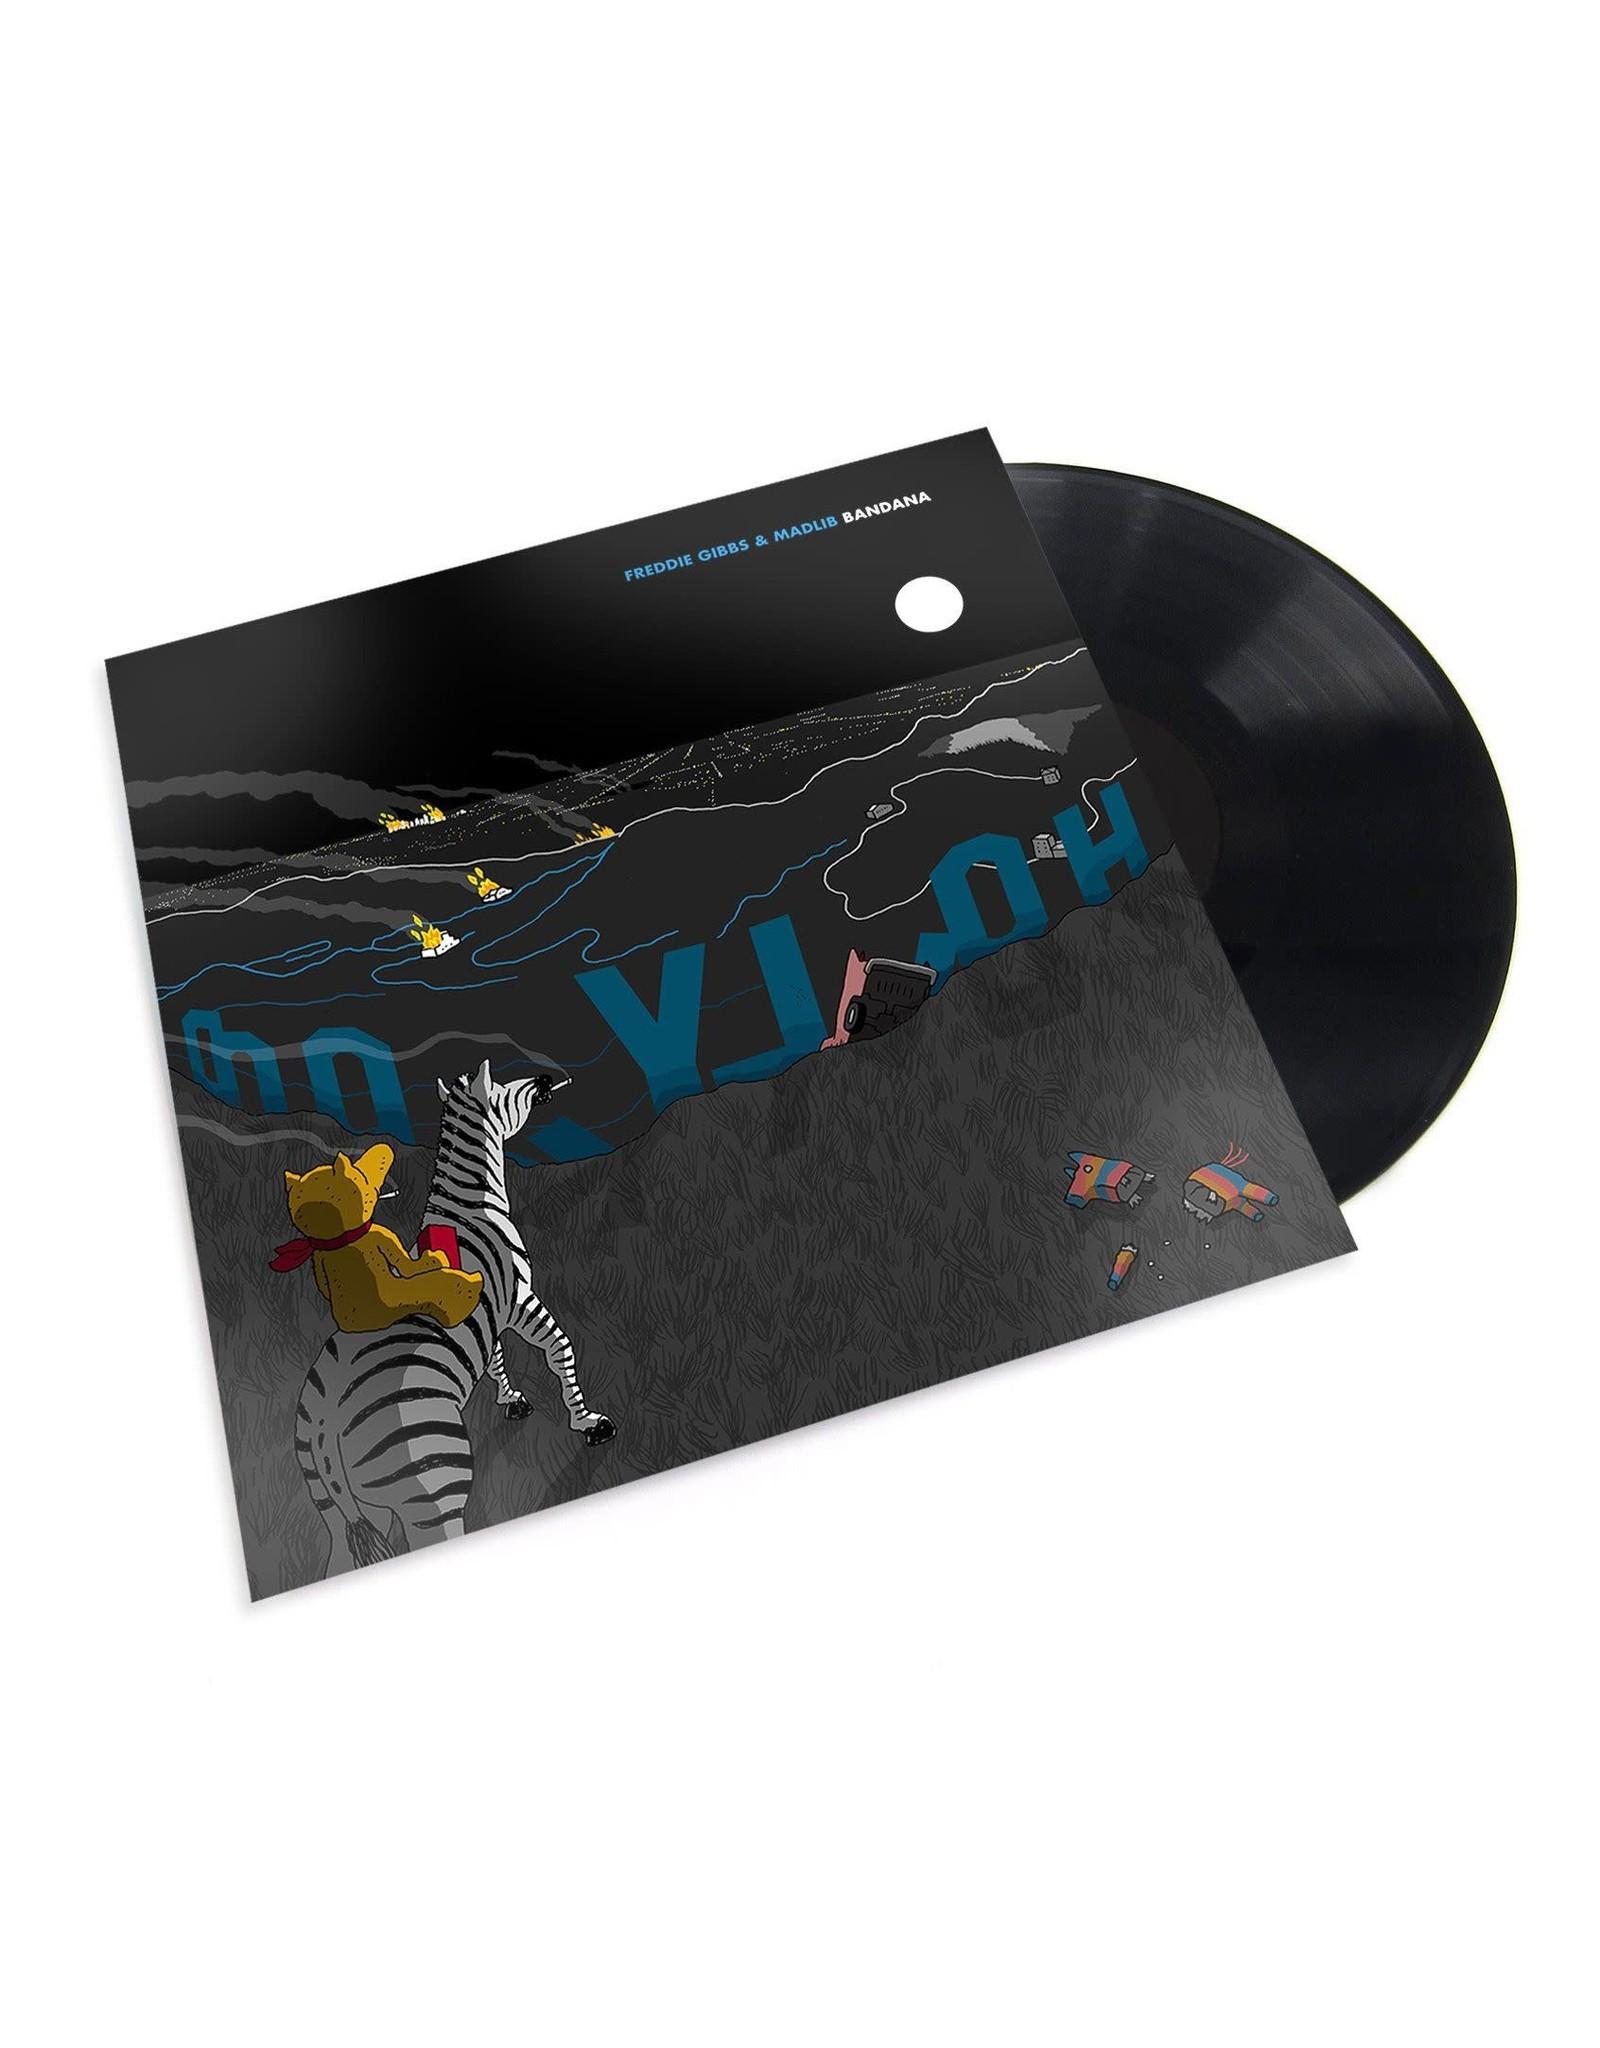 Gibbs, Freddie & Madlib - Bandana LP